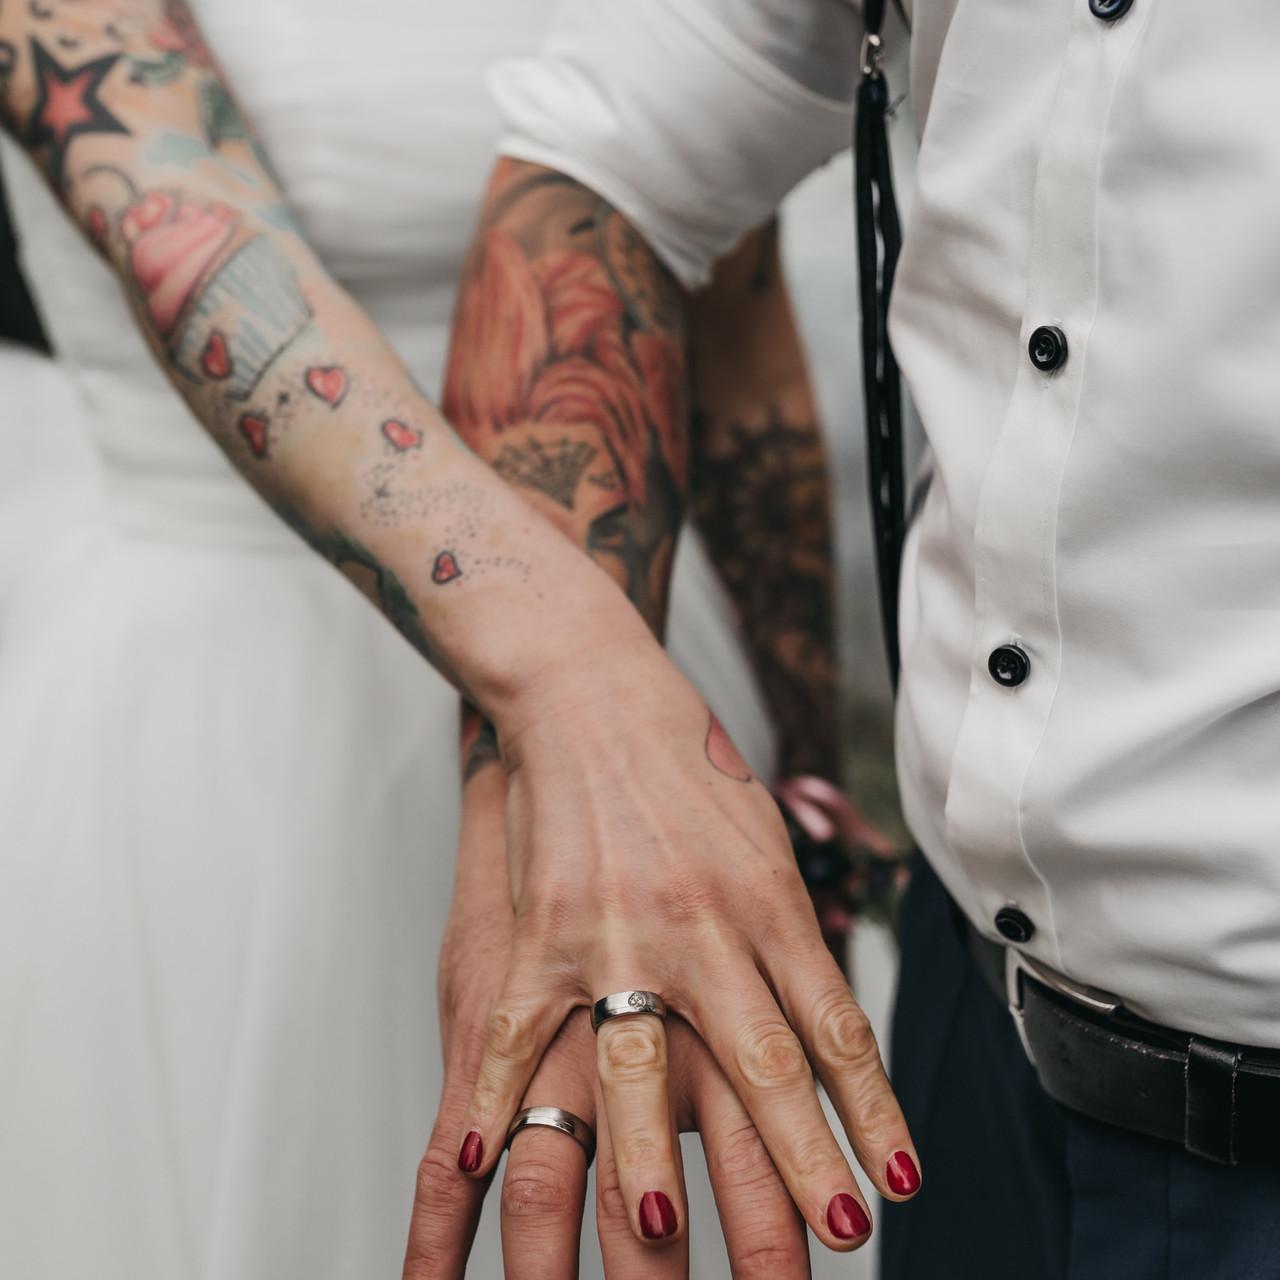 Brautpaarshooting mit Lara & Andreas im Sauerland.   Hochzeitsfotograf Christopher Reuter aus Köln